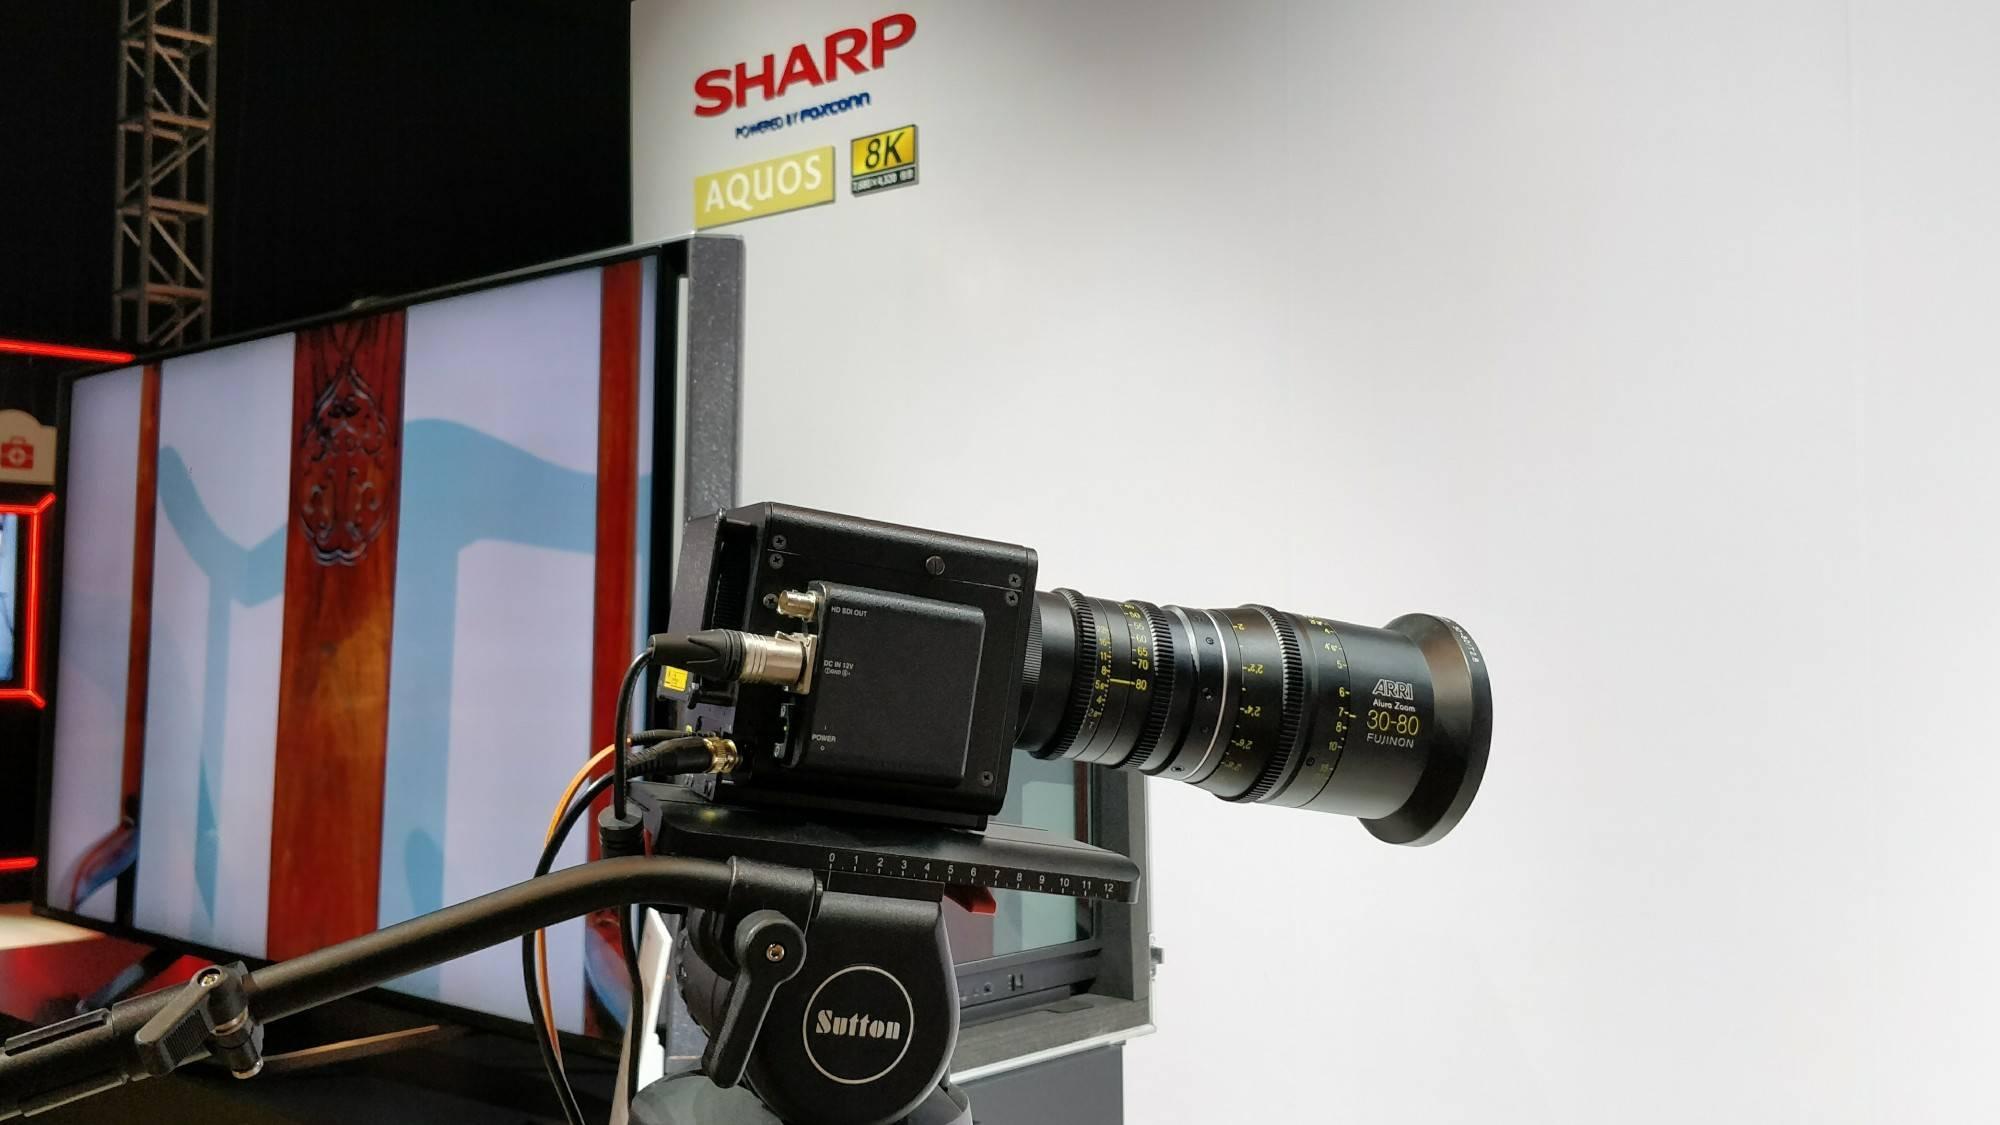 夏普电视发布现场用来拍摄 8K 视频的摄像机。